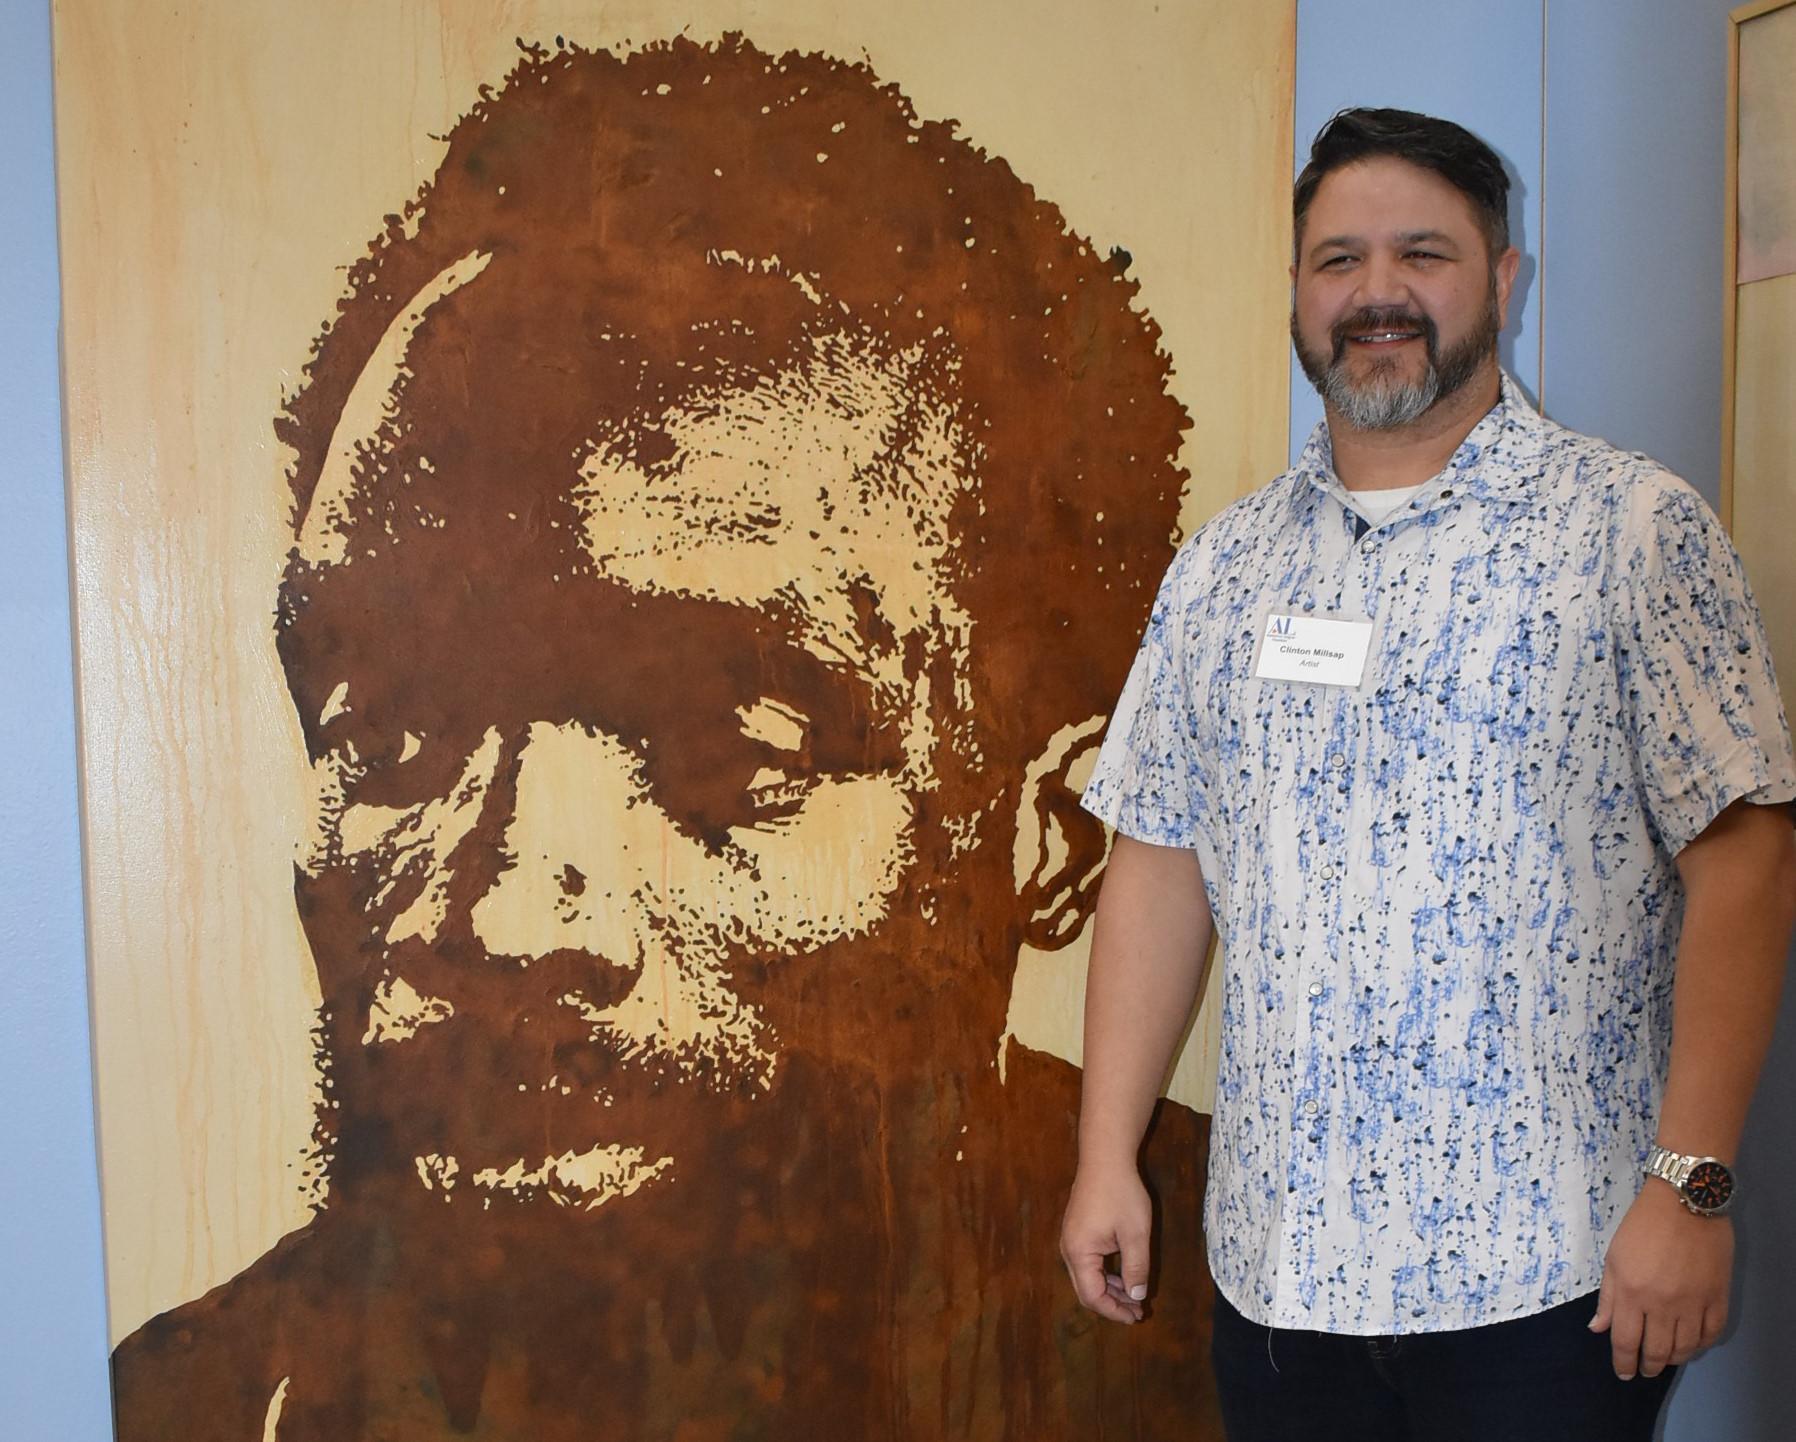 Spring-Klein artist wins Houston art show